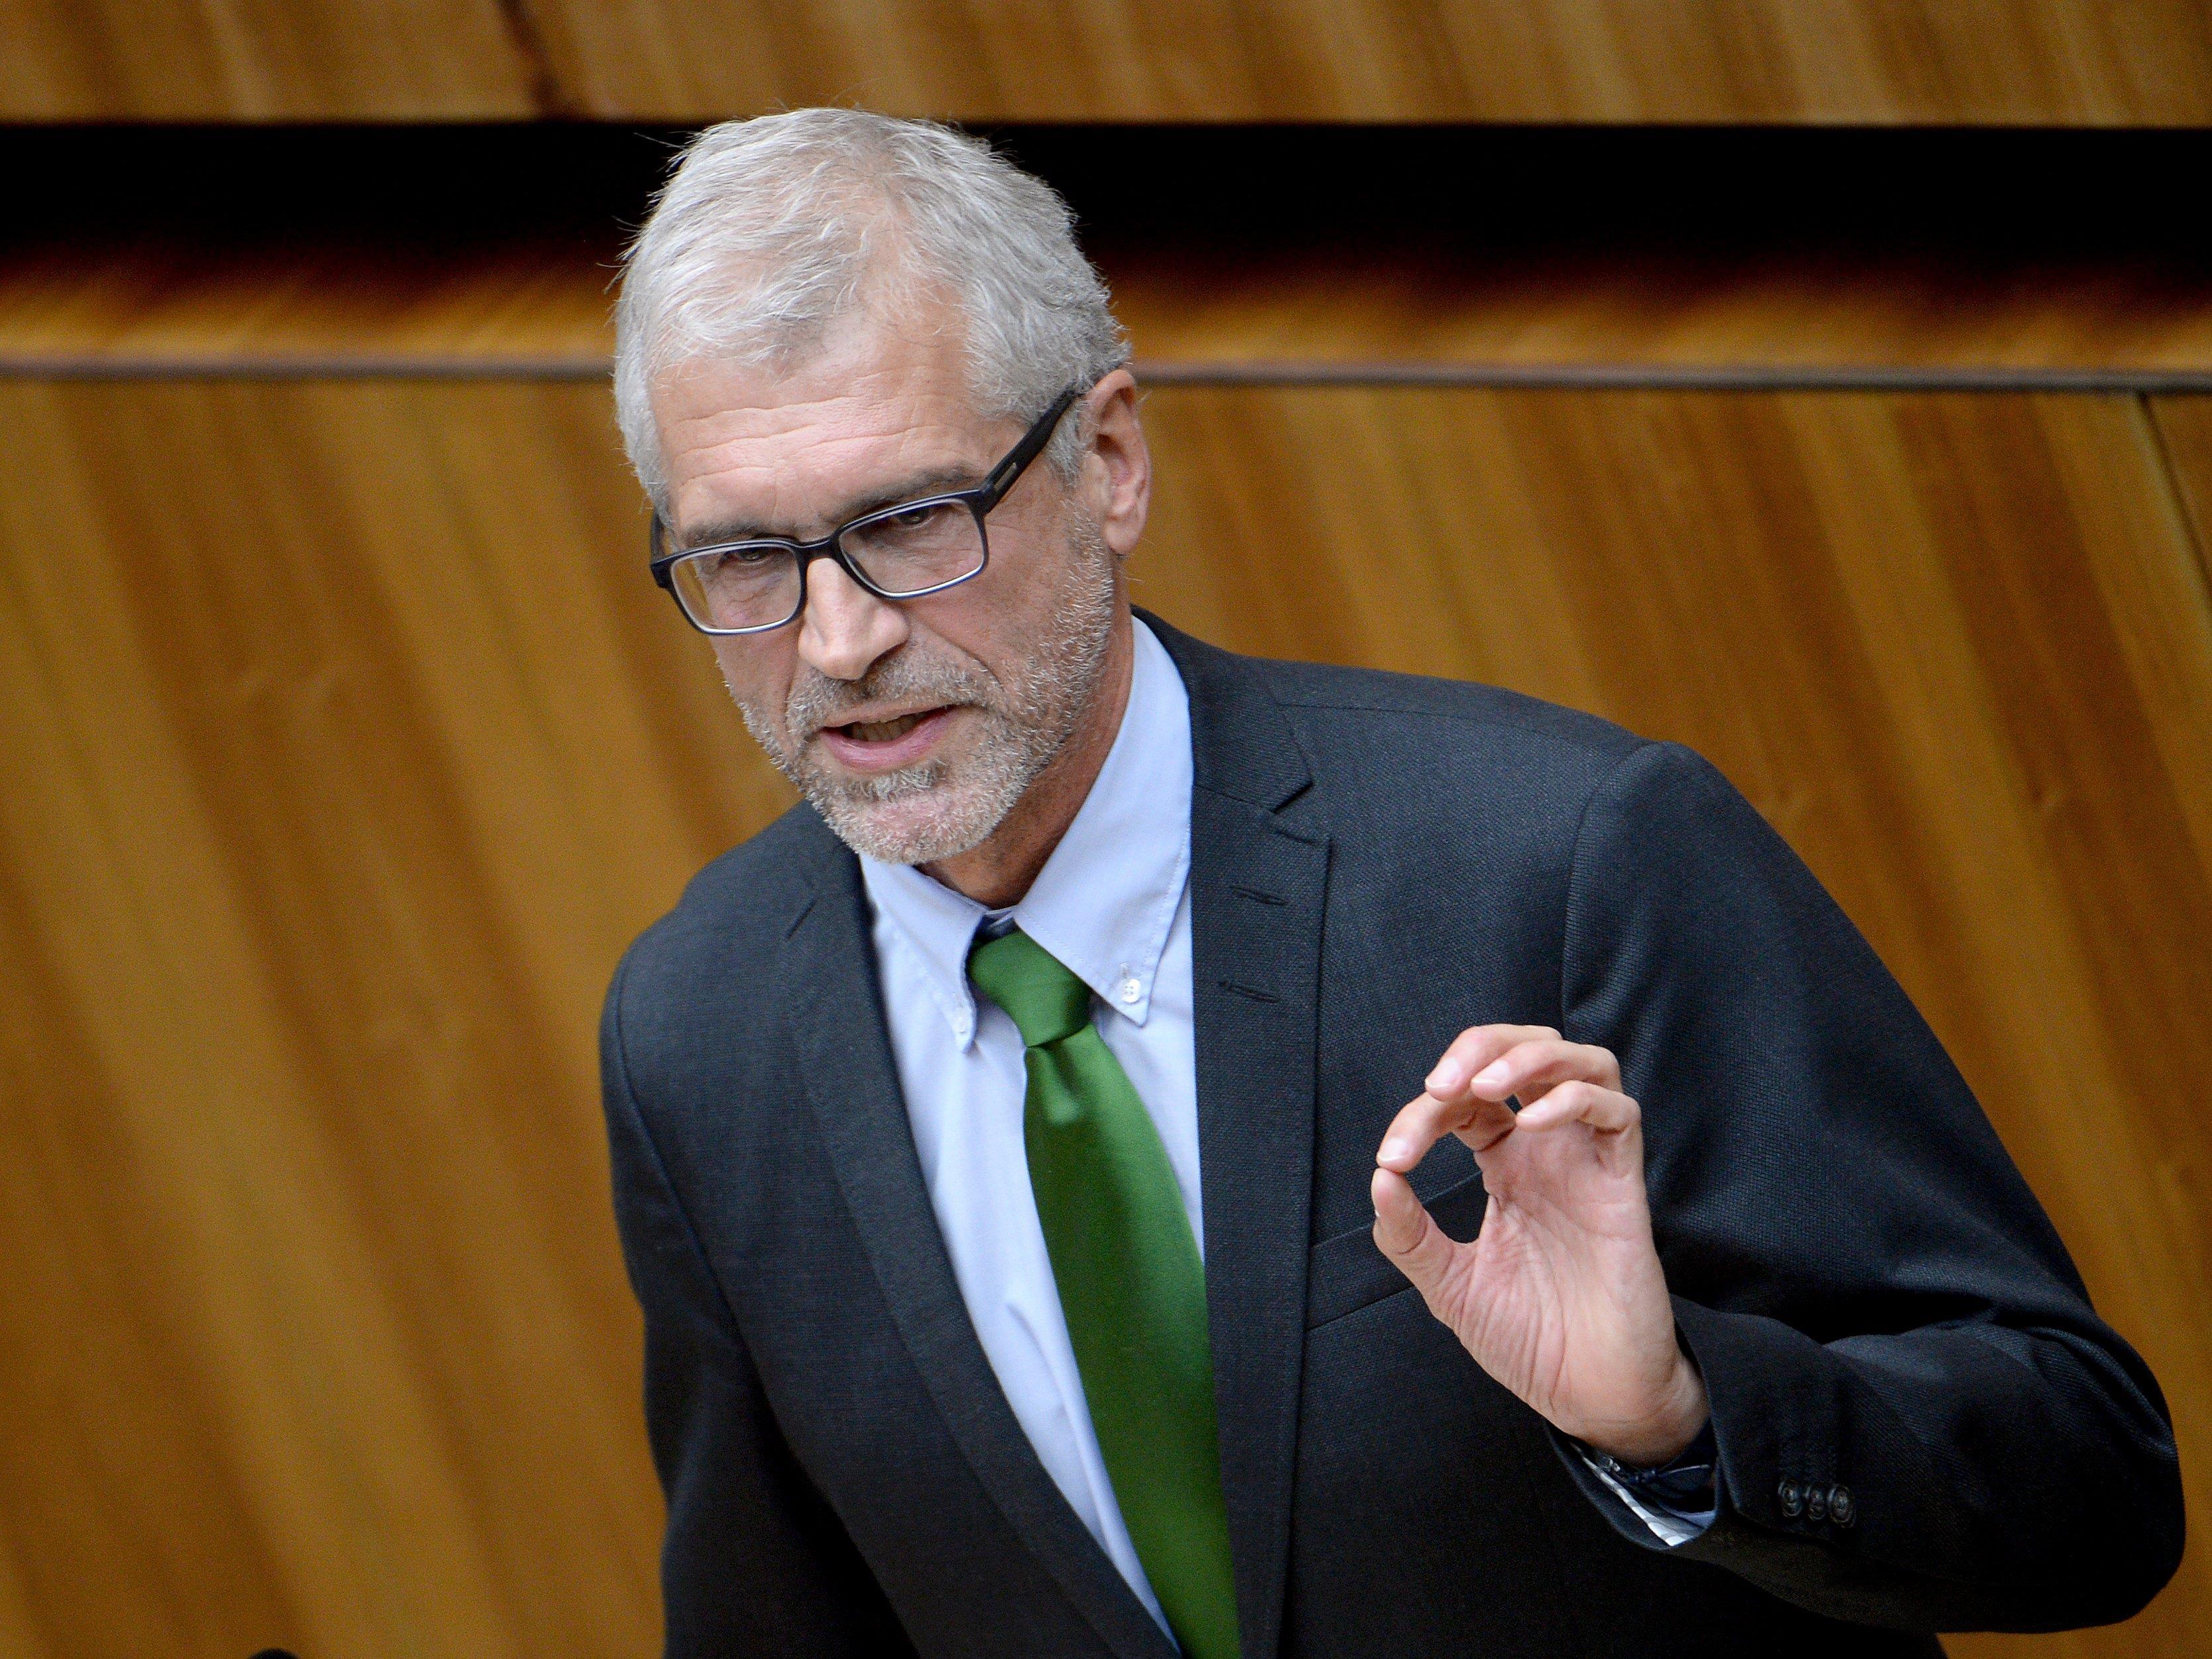 Harald Walser warnt vor einer Reorganisation der rechten Szene in Vorarlberg.